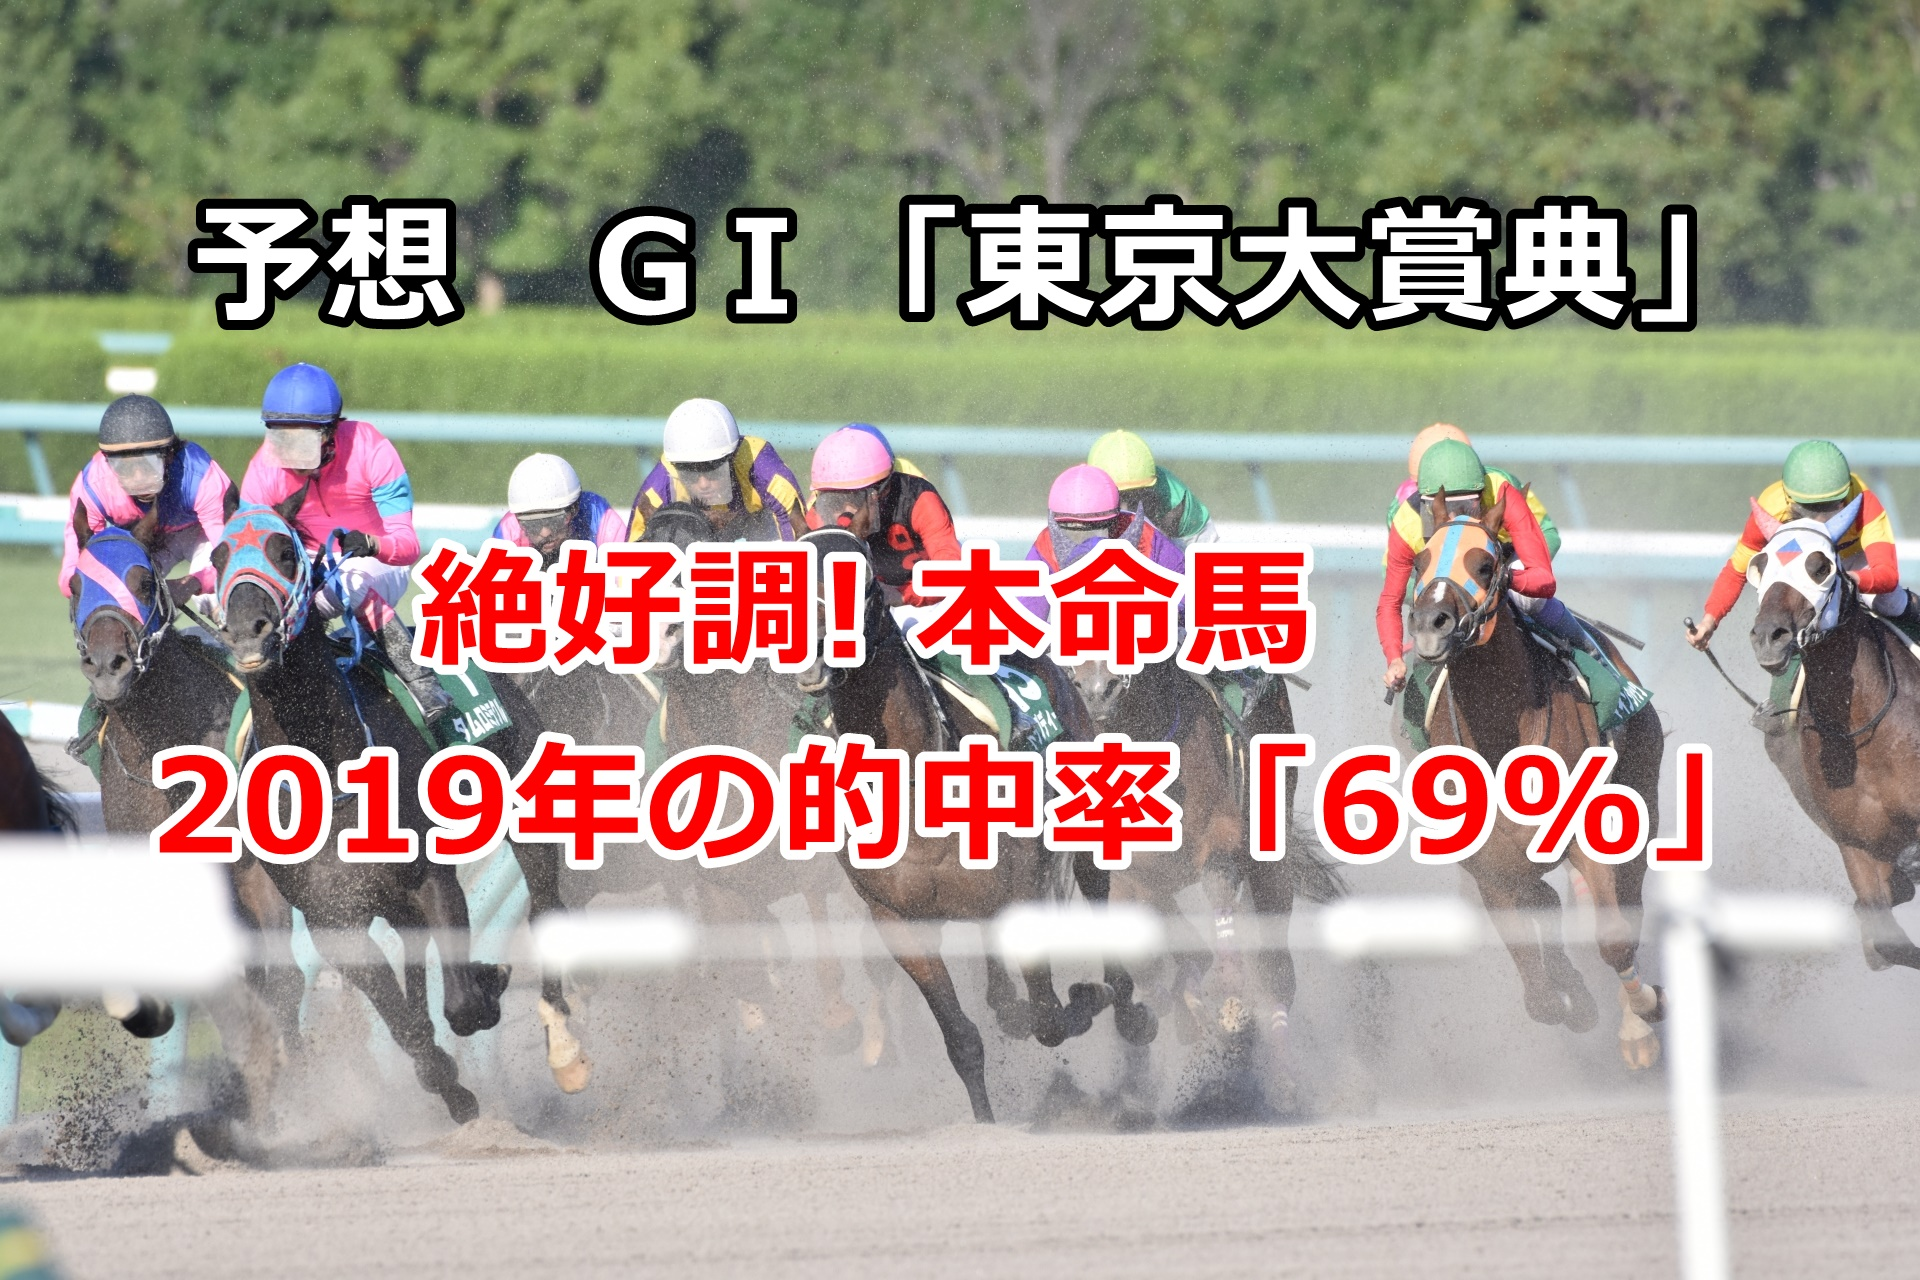 【競馬】東京大賞典の予想 本命馬「絶好調! 的中率69%」 第31回